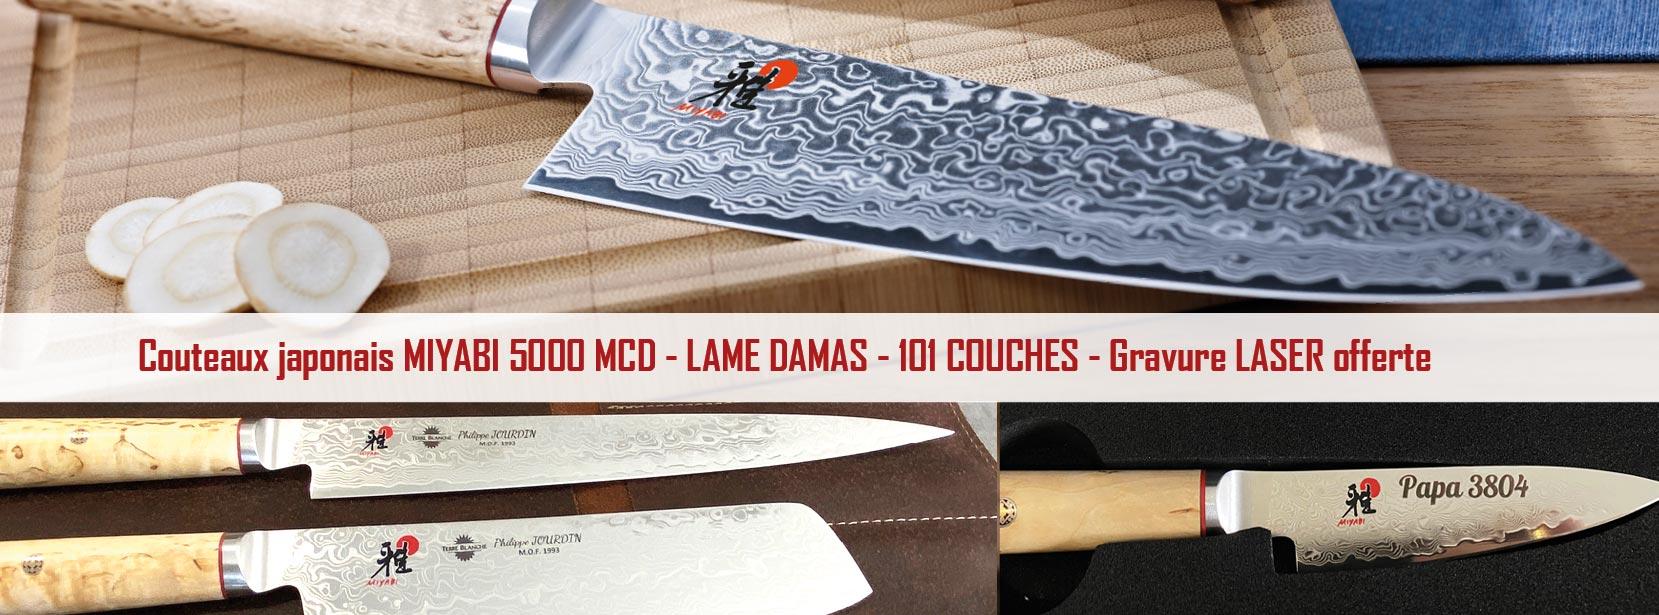 miyabi gamme 5000MCD couteaux japonais